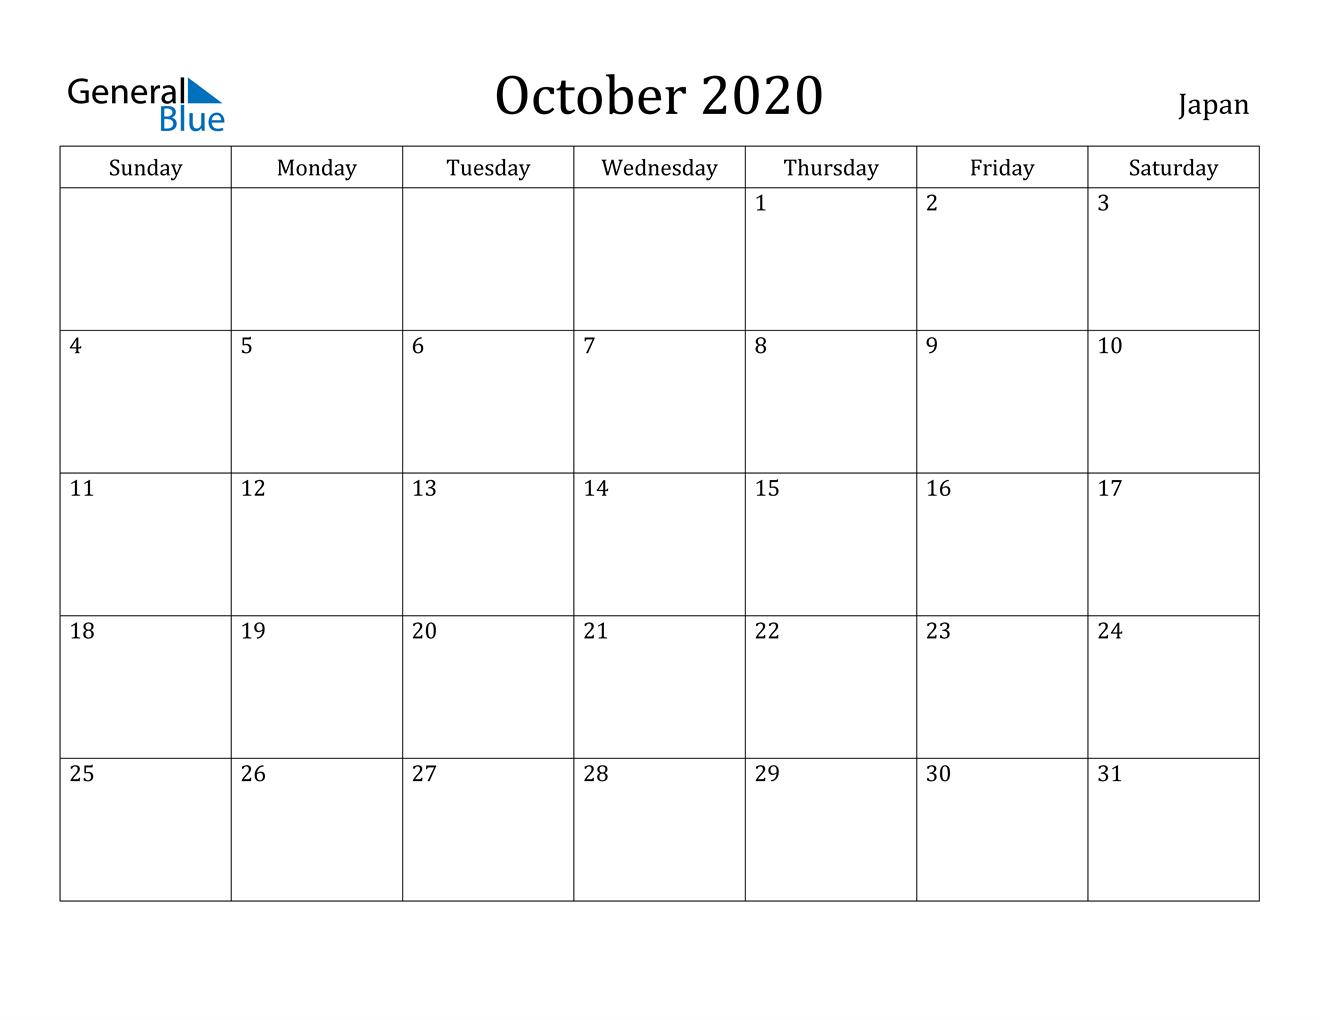 Image of October 2020 Japan Calendar with Holidays Calendar